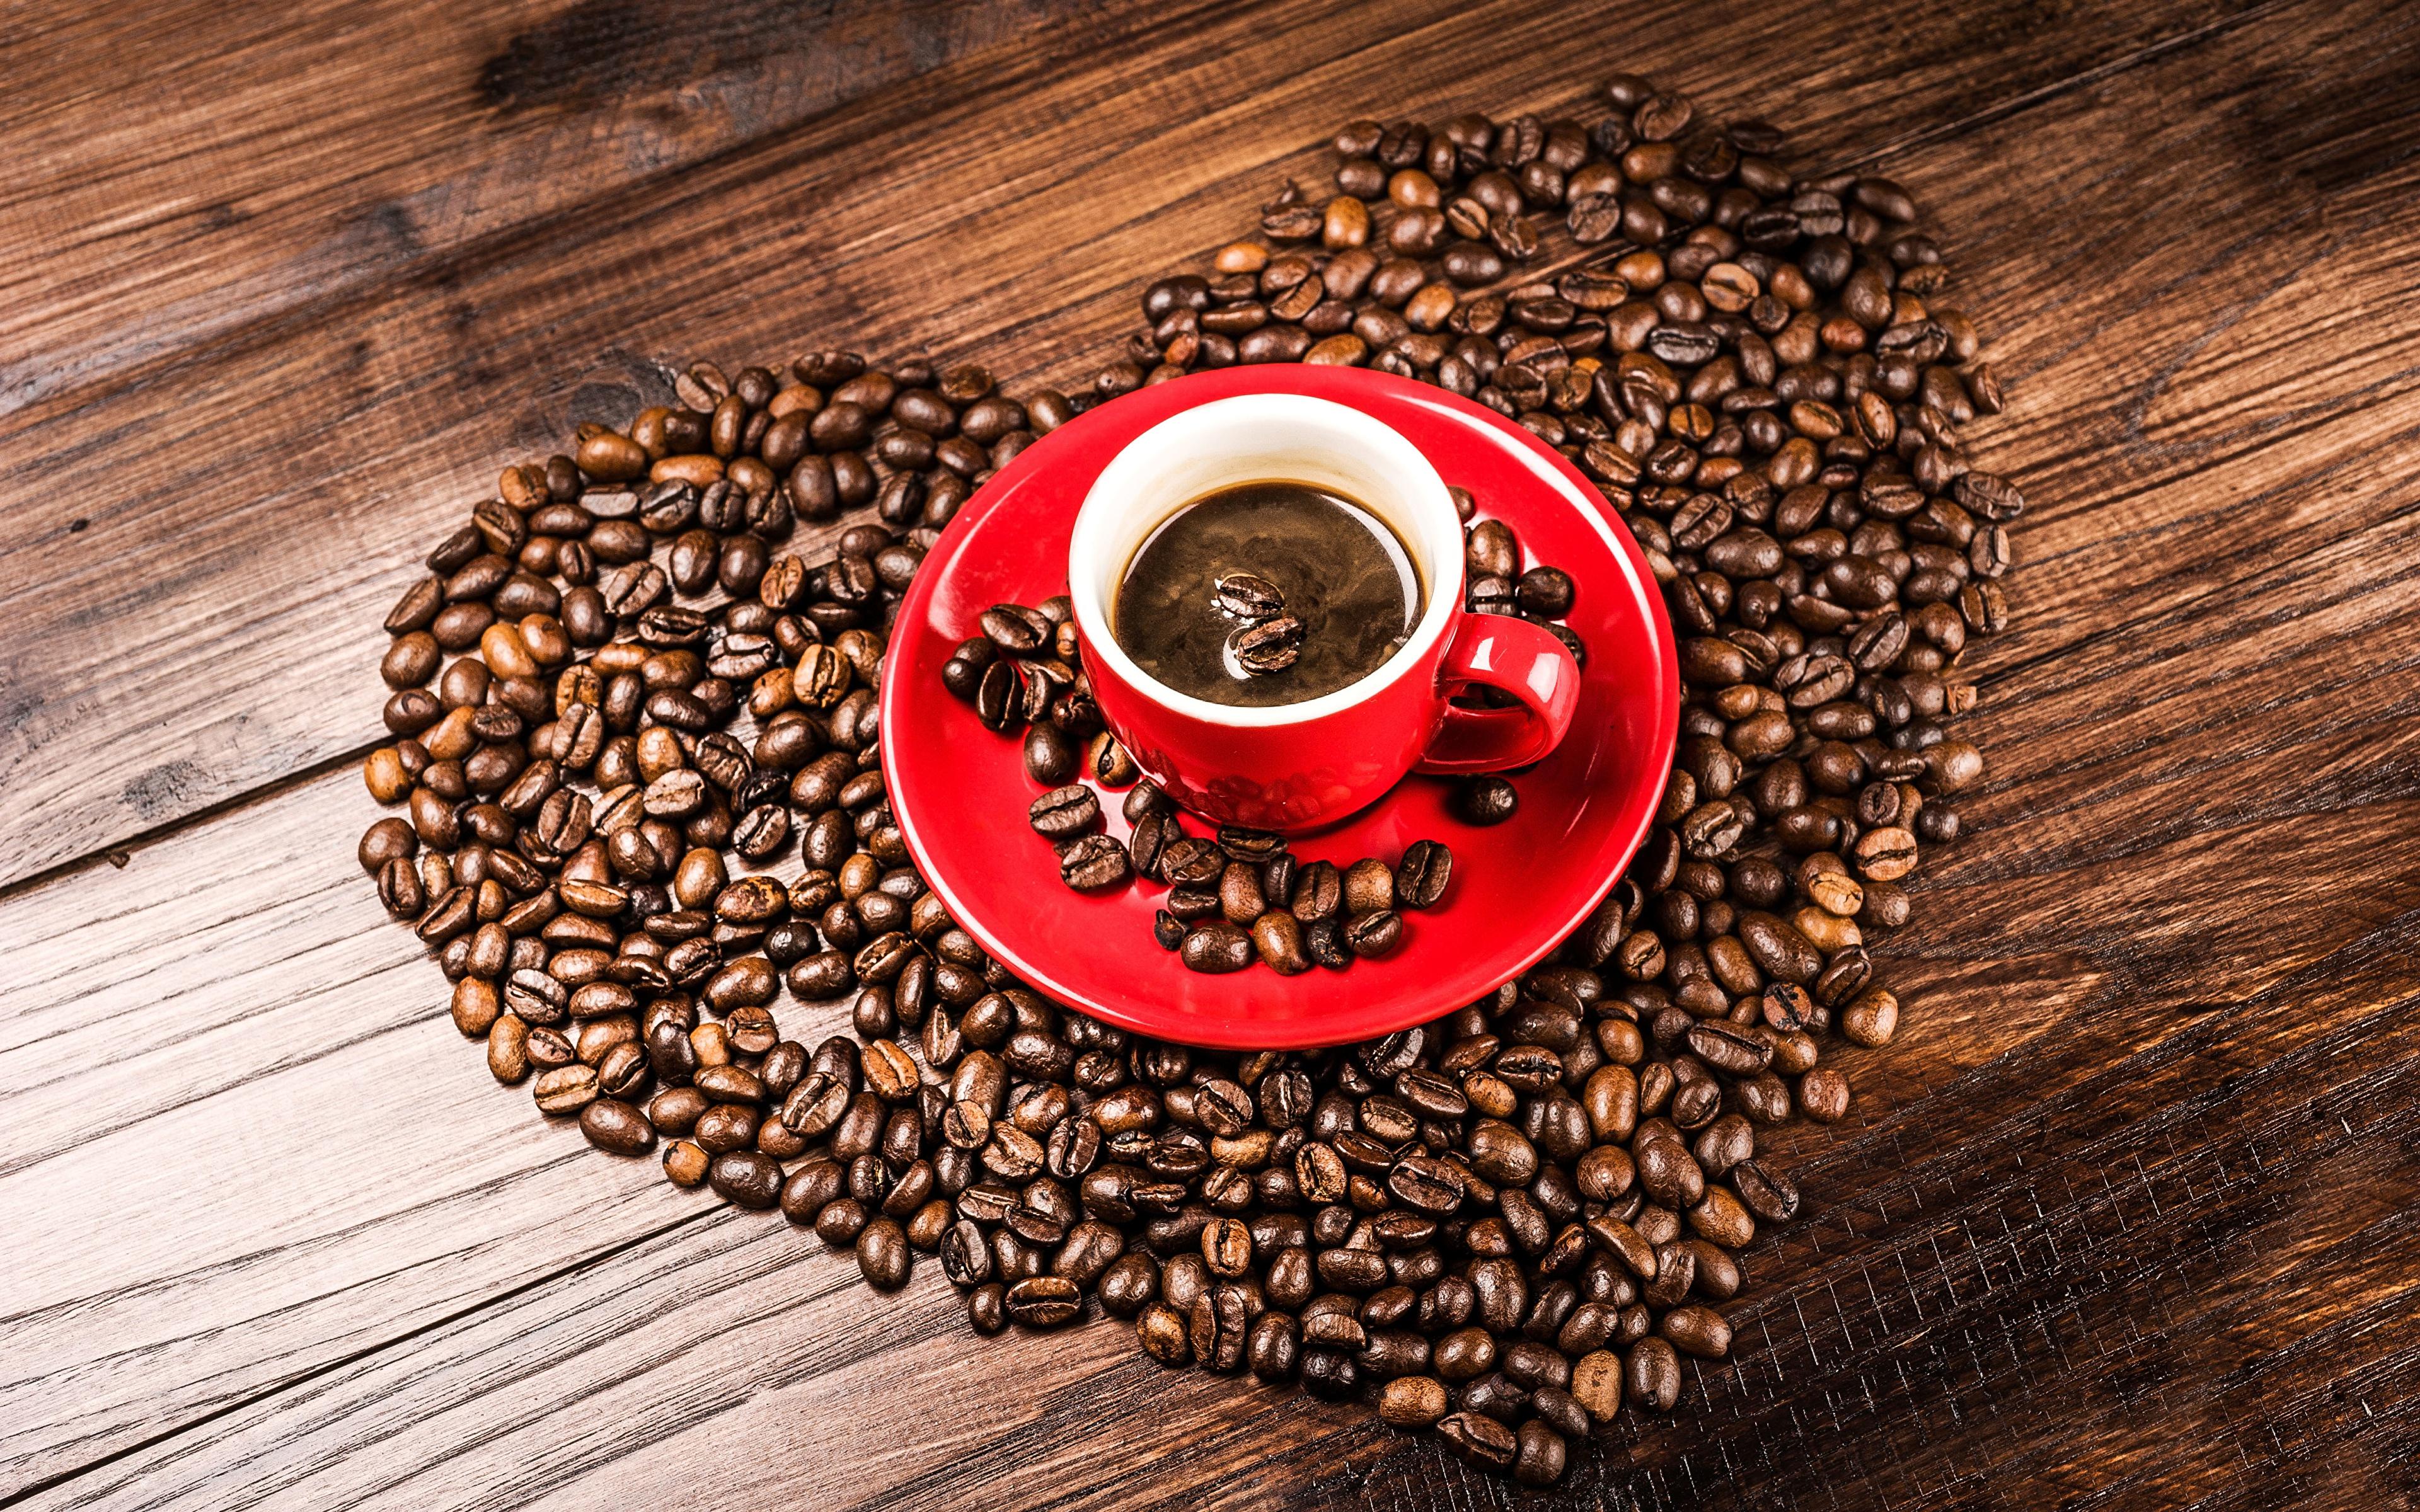 Обои для рабочего стола чашка с кофе